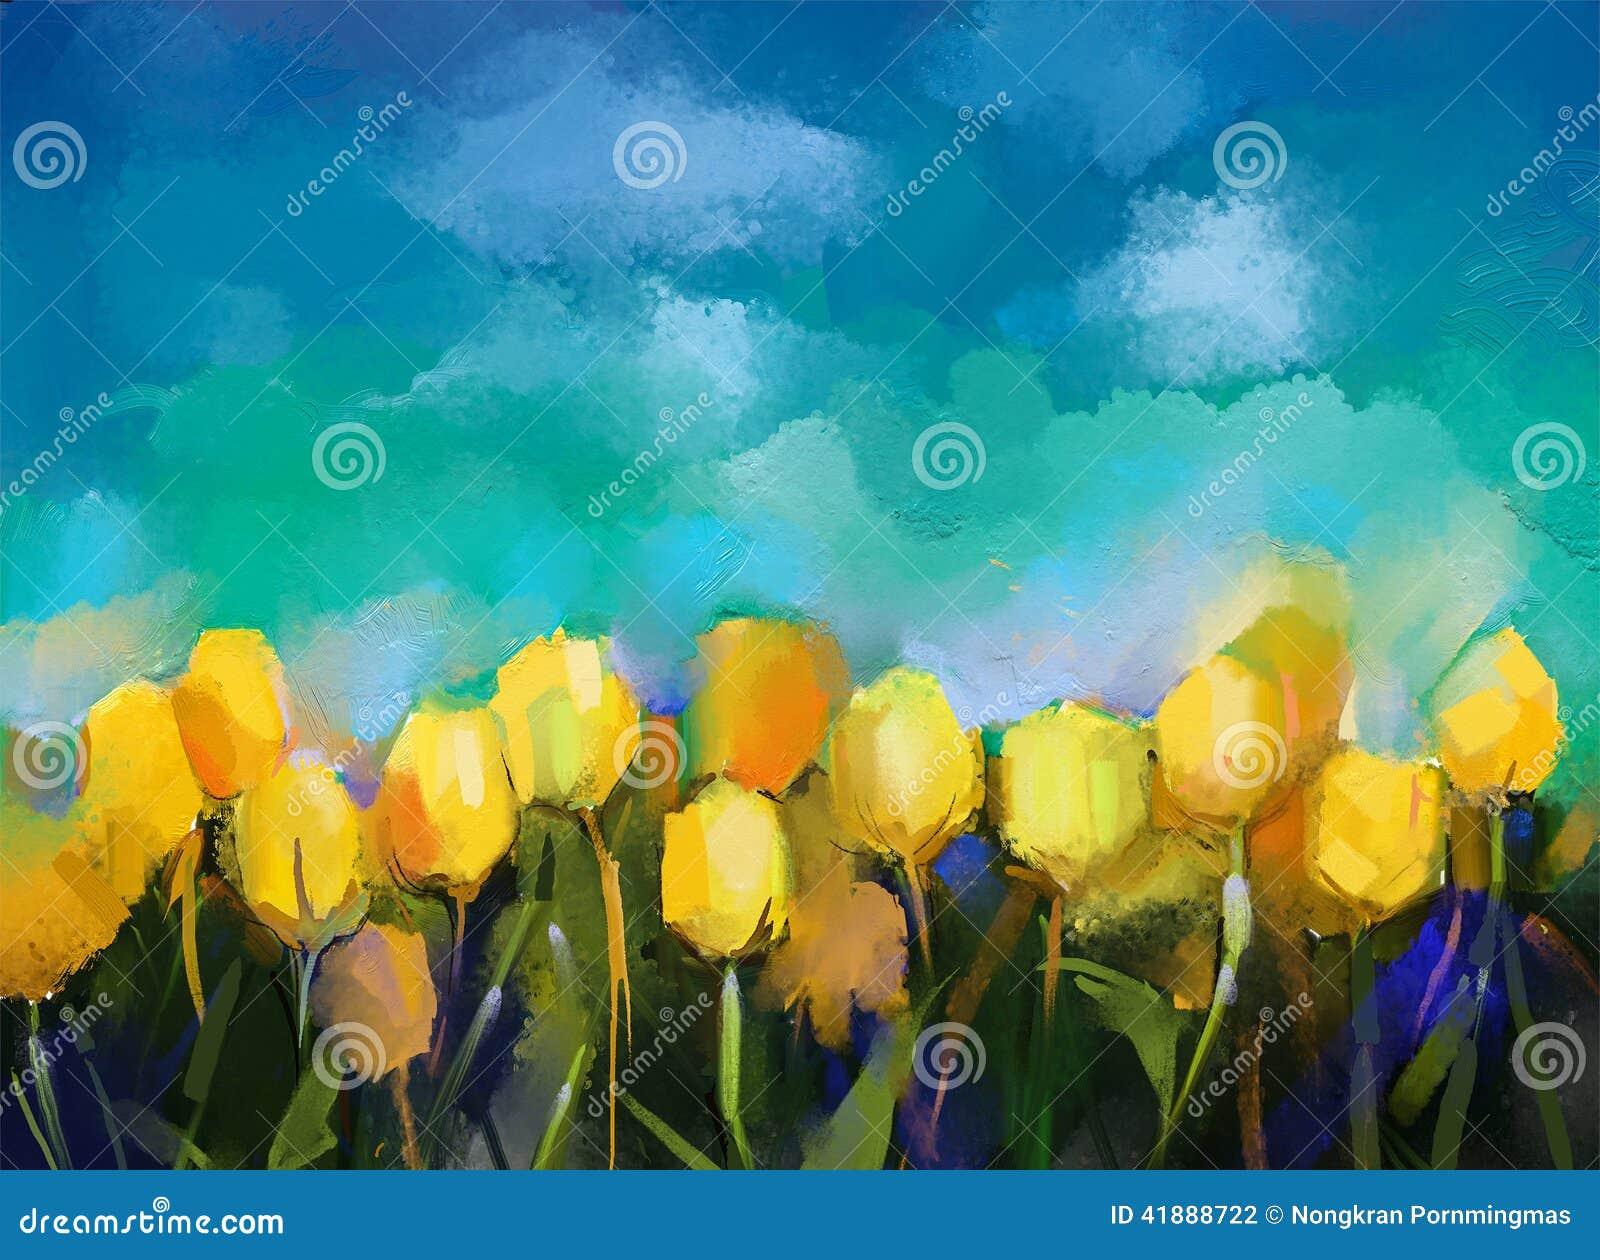 Het abstracte olieverfschilderij van tulpenbloemen